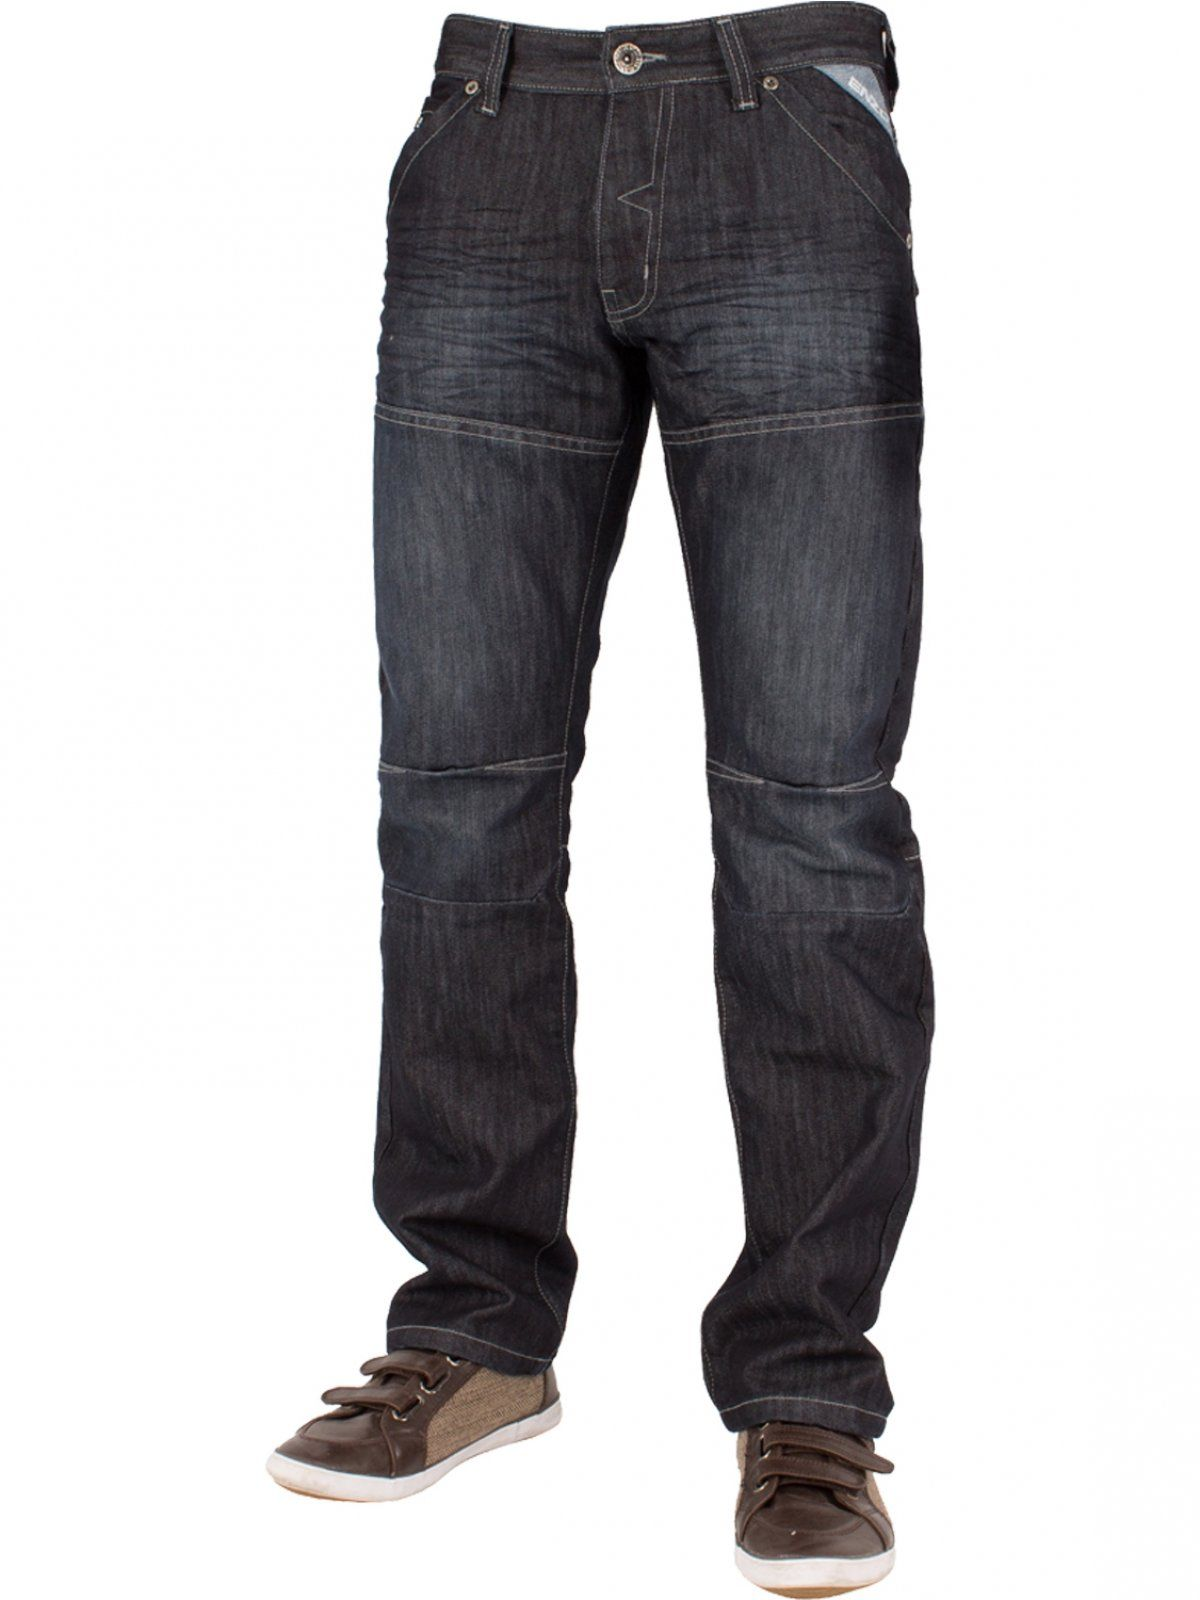 Mens Dark Wash Straight Fit Denim Jeans EZ244 | Enzo Designer Menswear